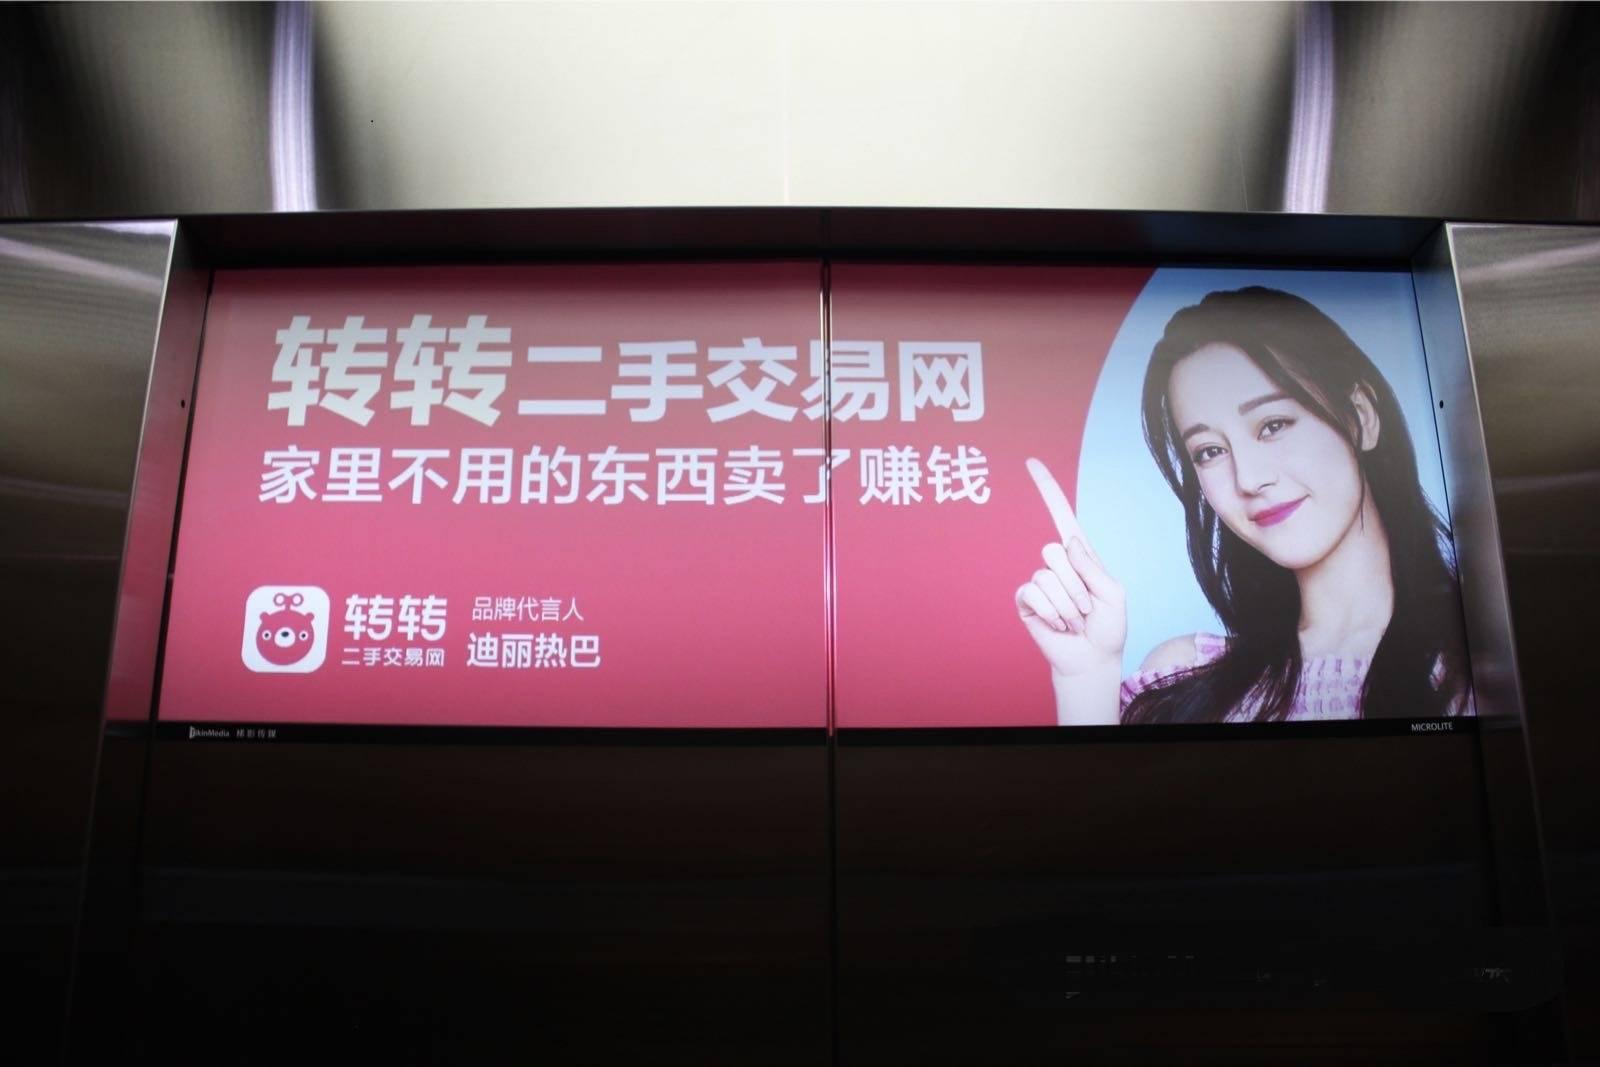 海口电梯门投影广告